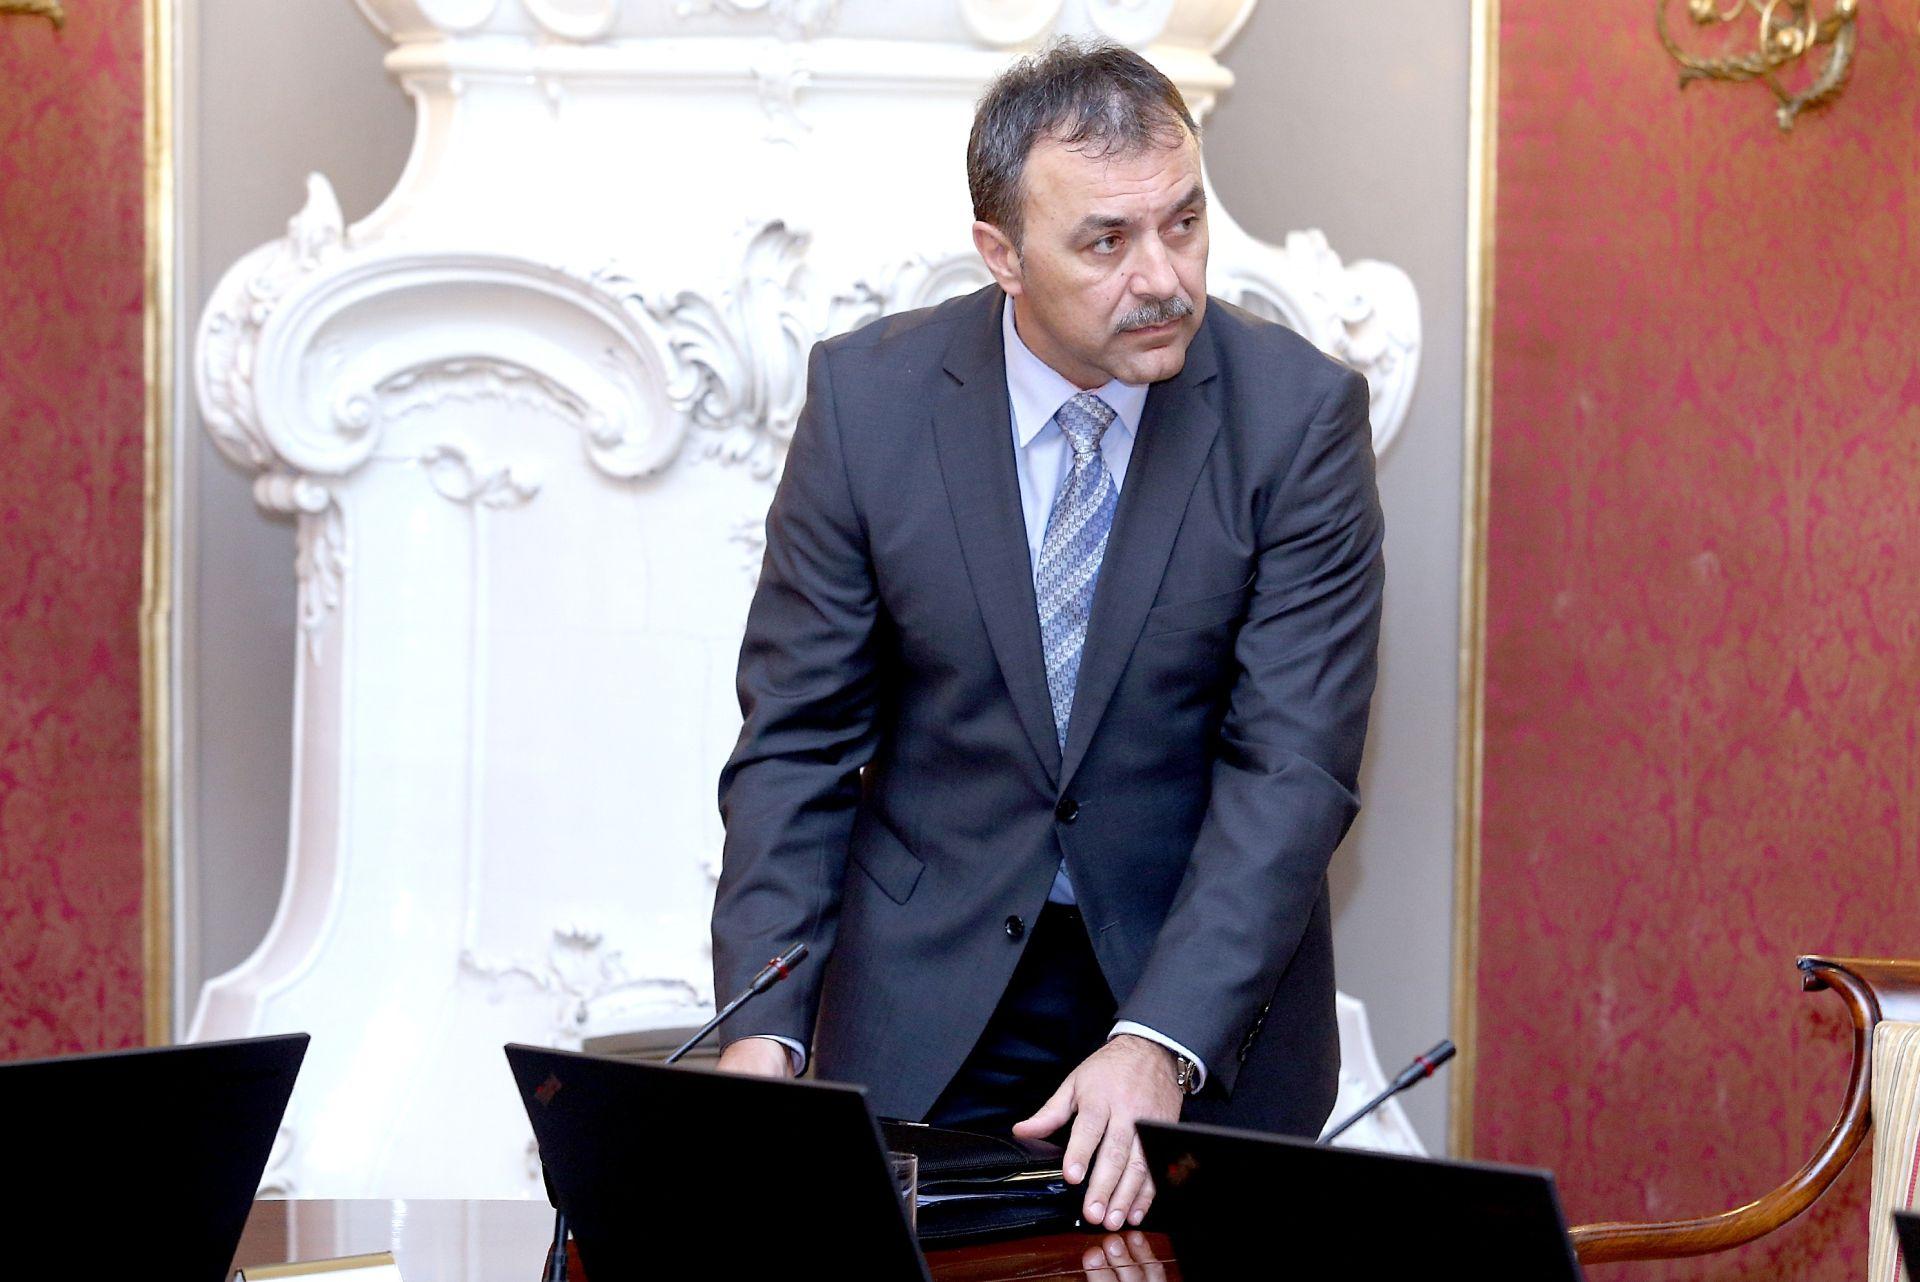 OD SMJENA U MUP-U ZA SADA NIŠTA: Ministar Orepić ne popušta Tomislavu Karamarku, ima podršku Petrova